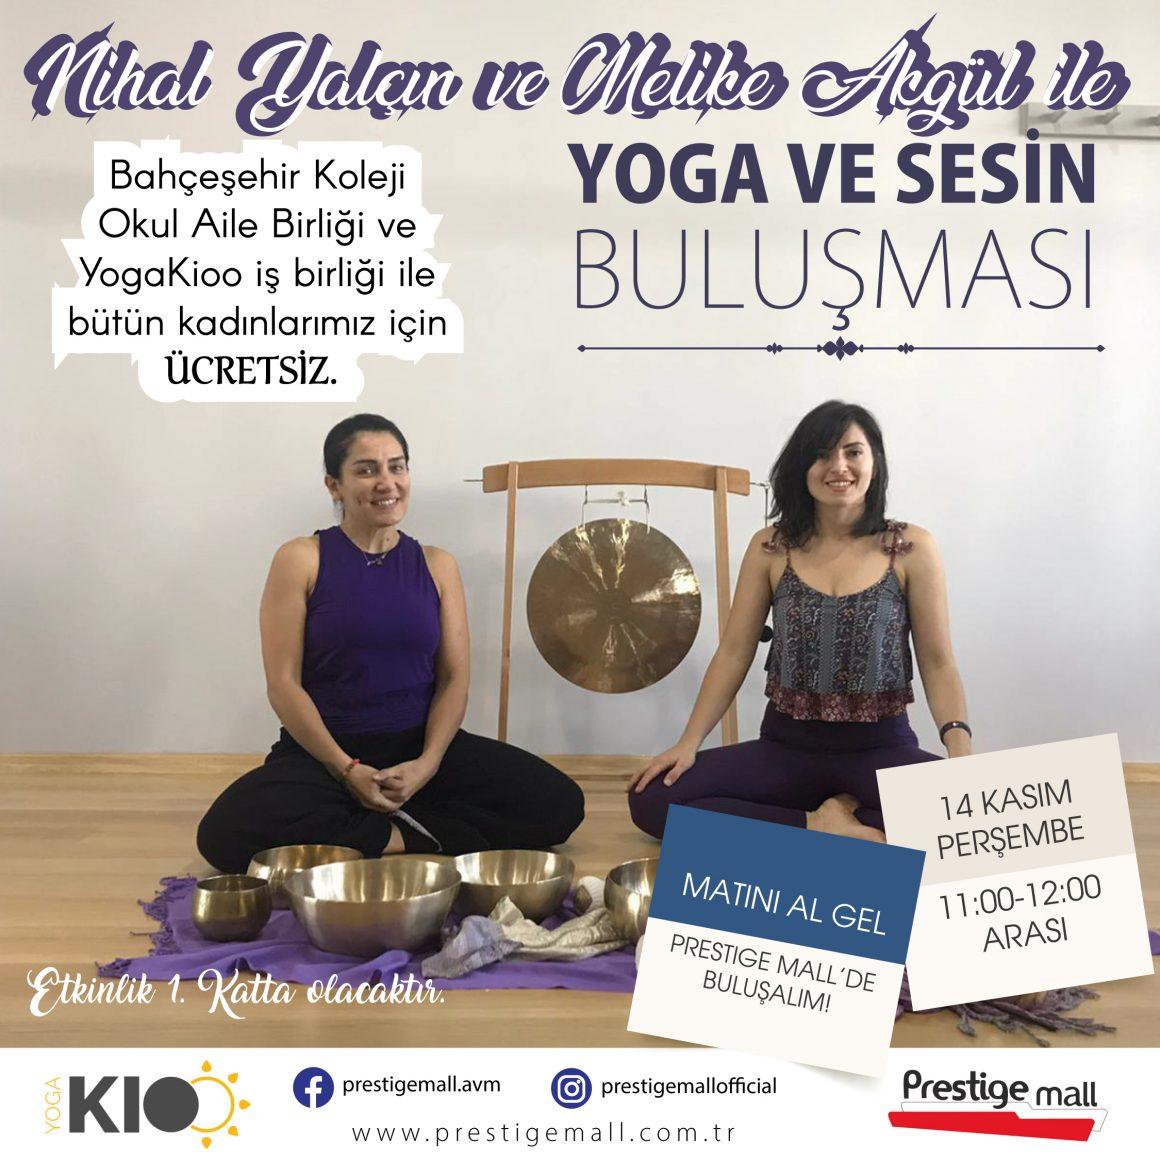 Yoga ve Sesin Buluşması